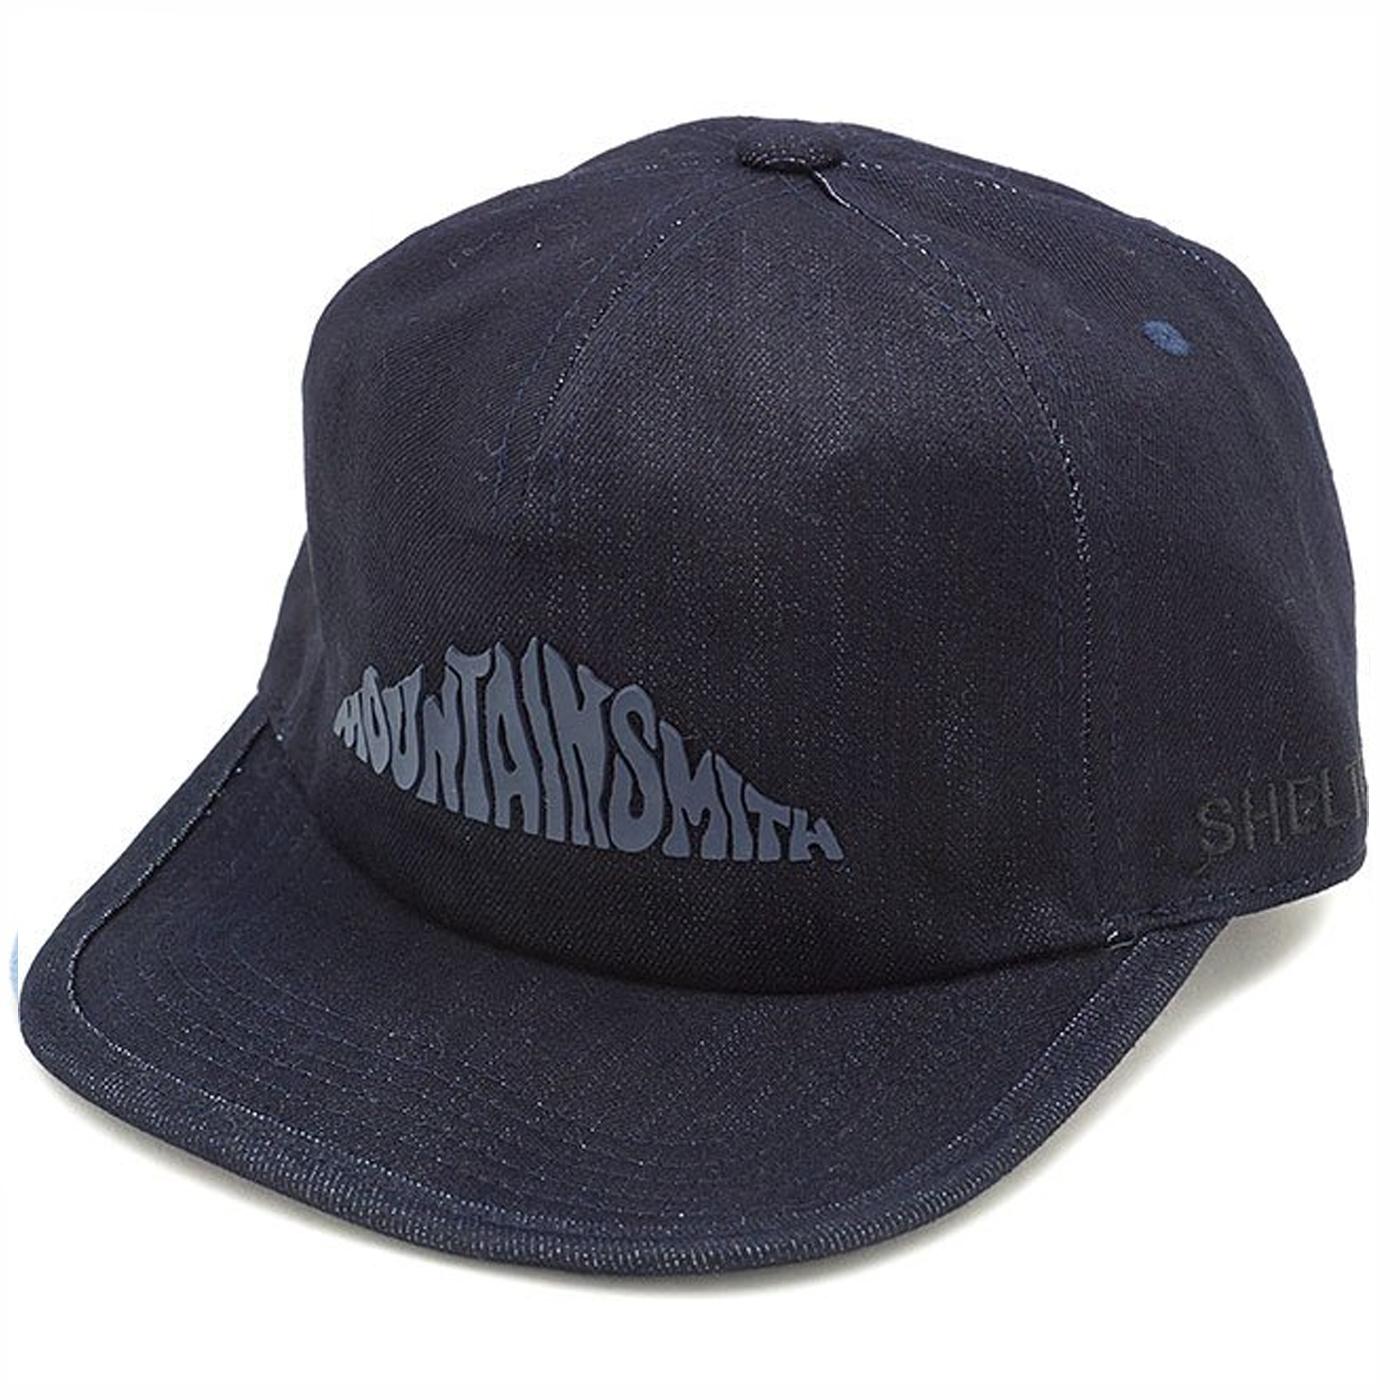 product: MS SHELTECH DENIM CAP / color: BLUE 1